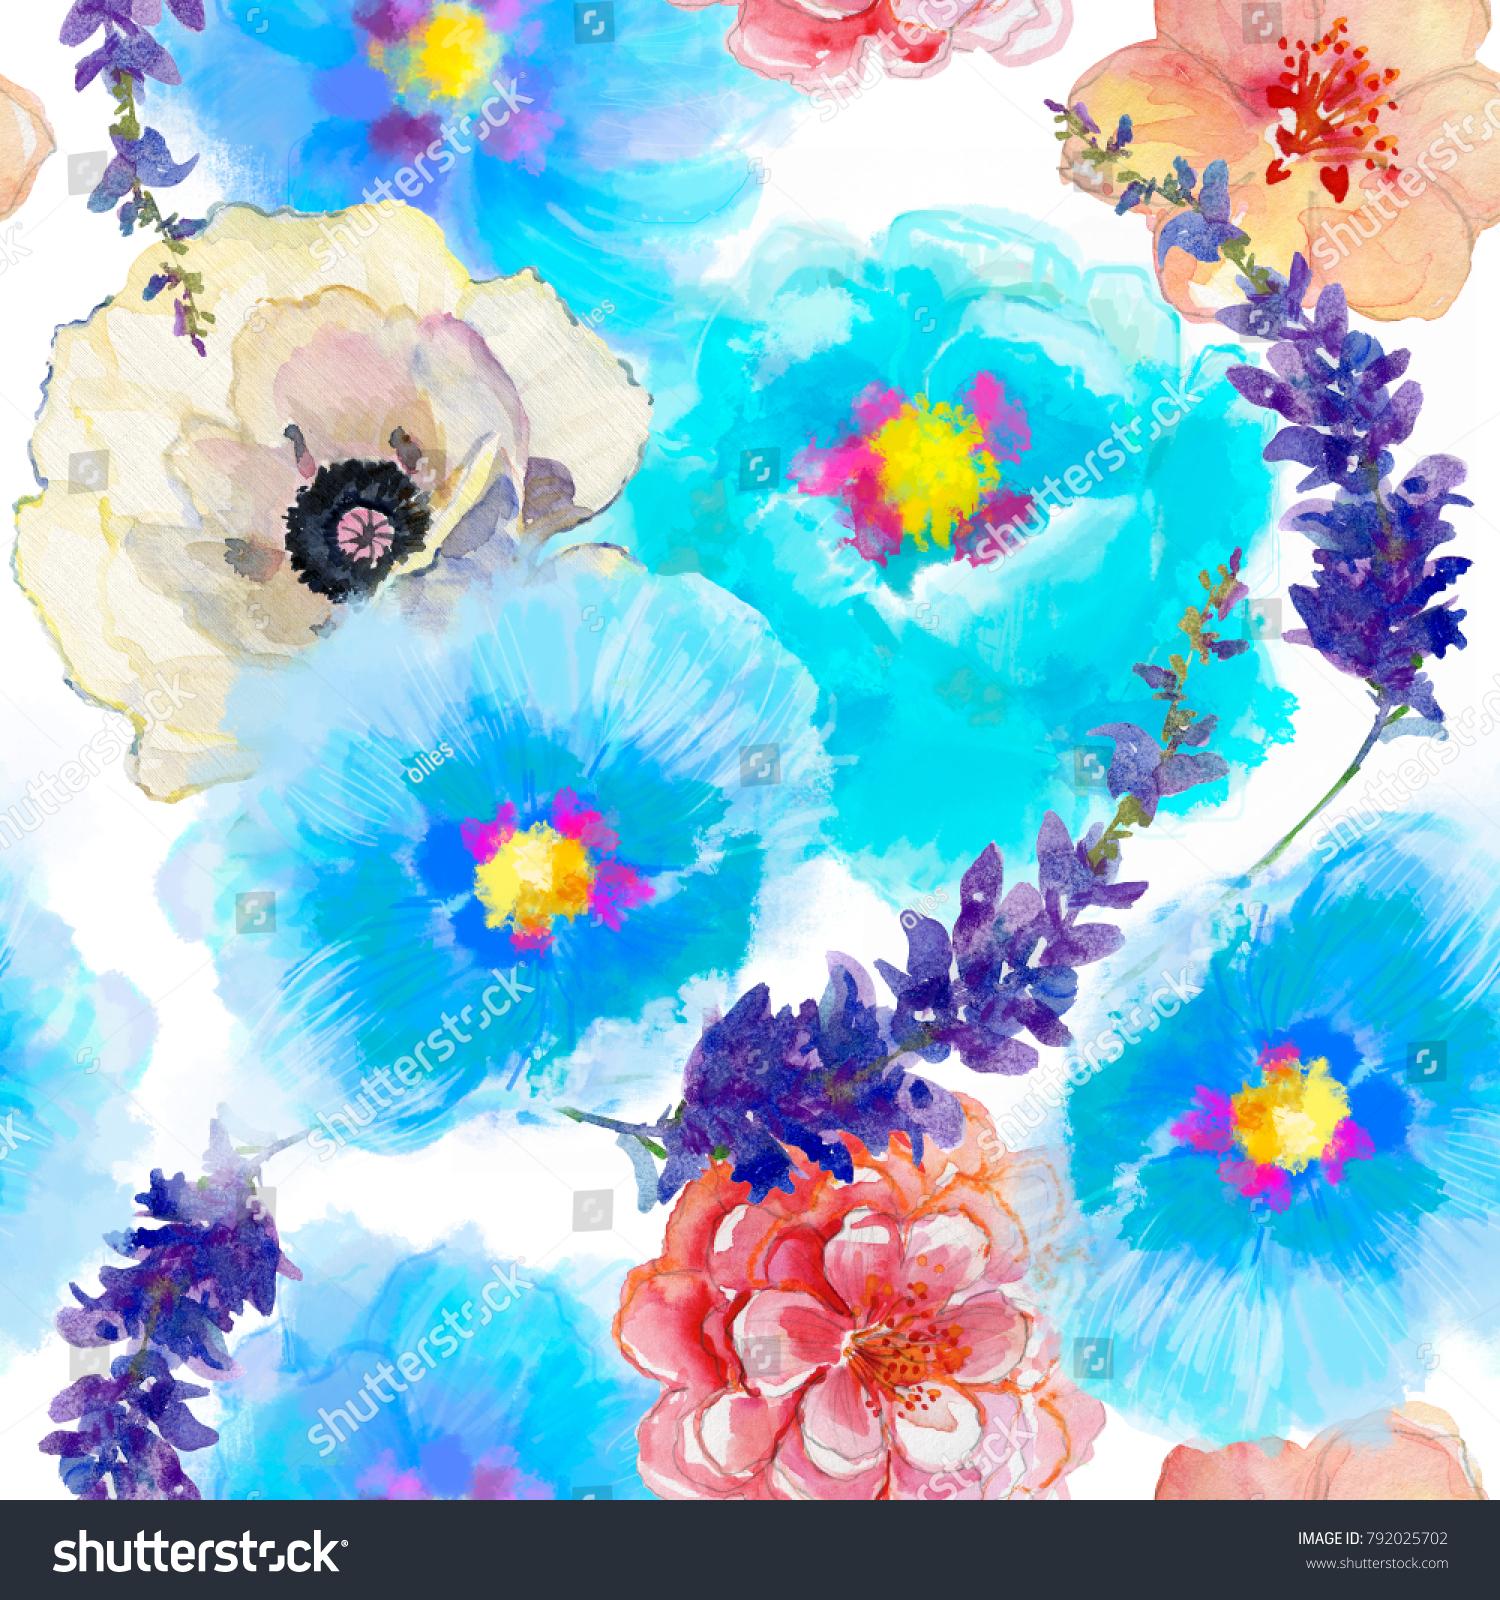 Seamless wallpaper beautiful summer flowers watercolor stock seamless wallpaper with beautiful summer flowers watercolor illustration izmirmasajfo